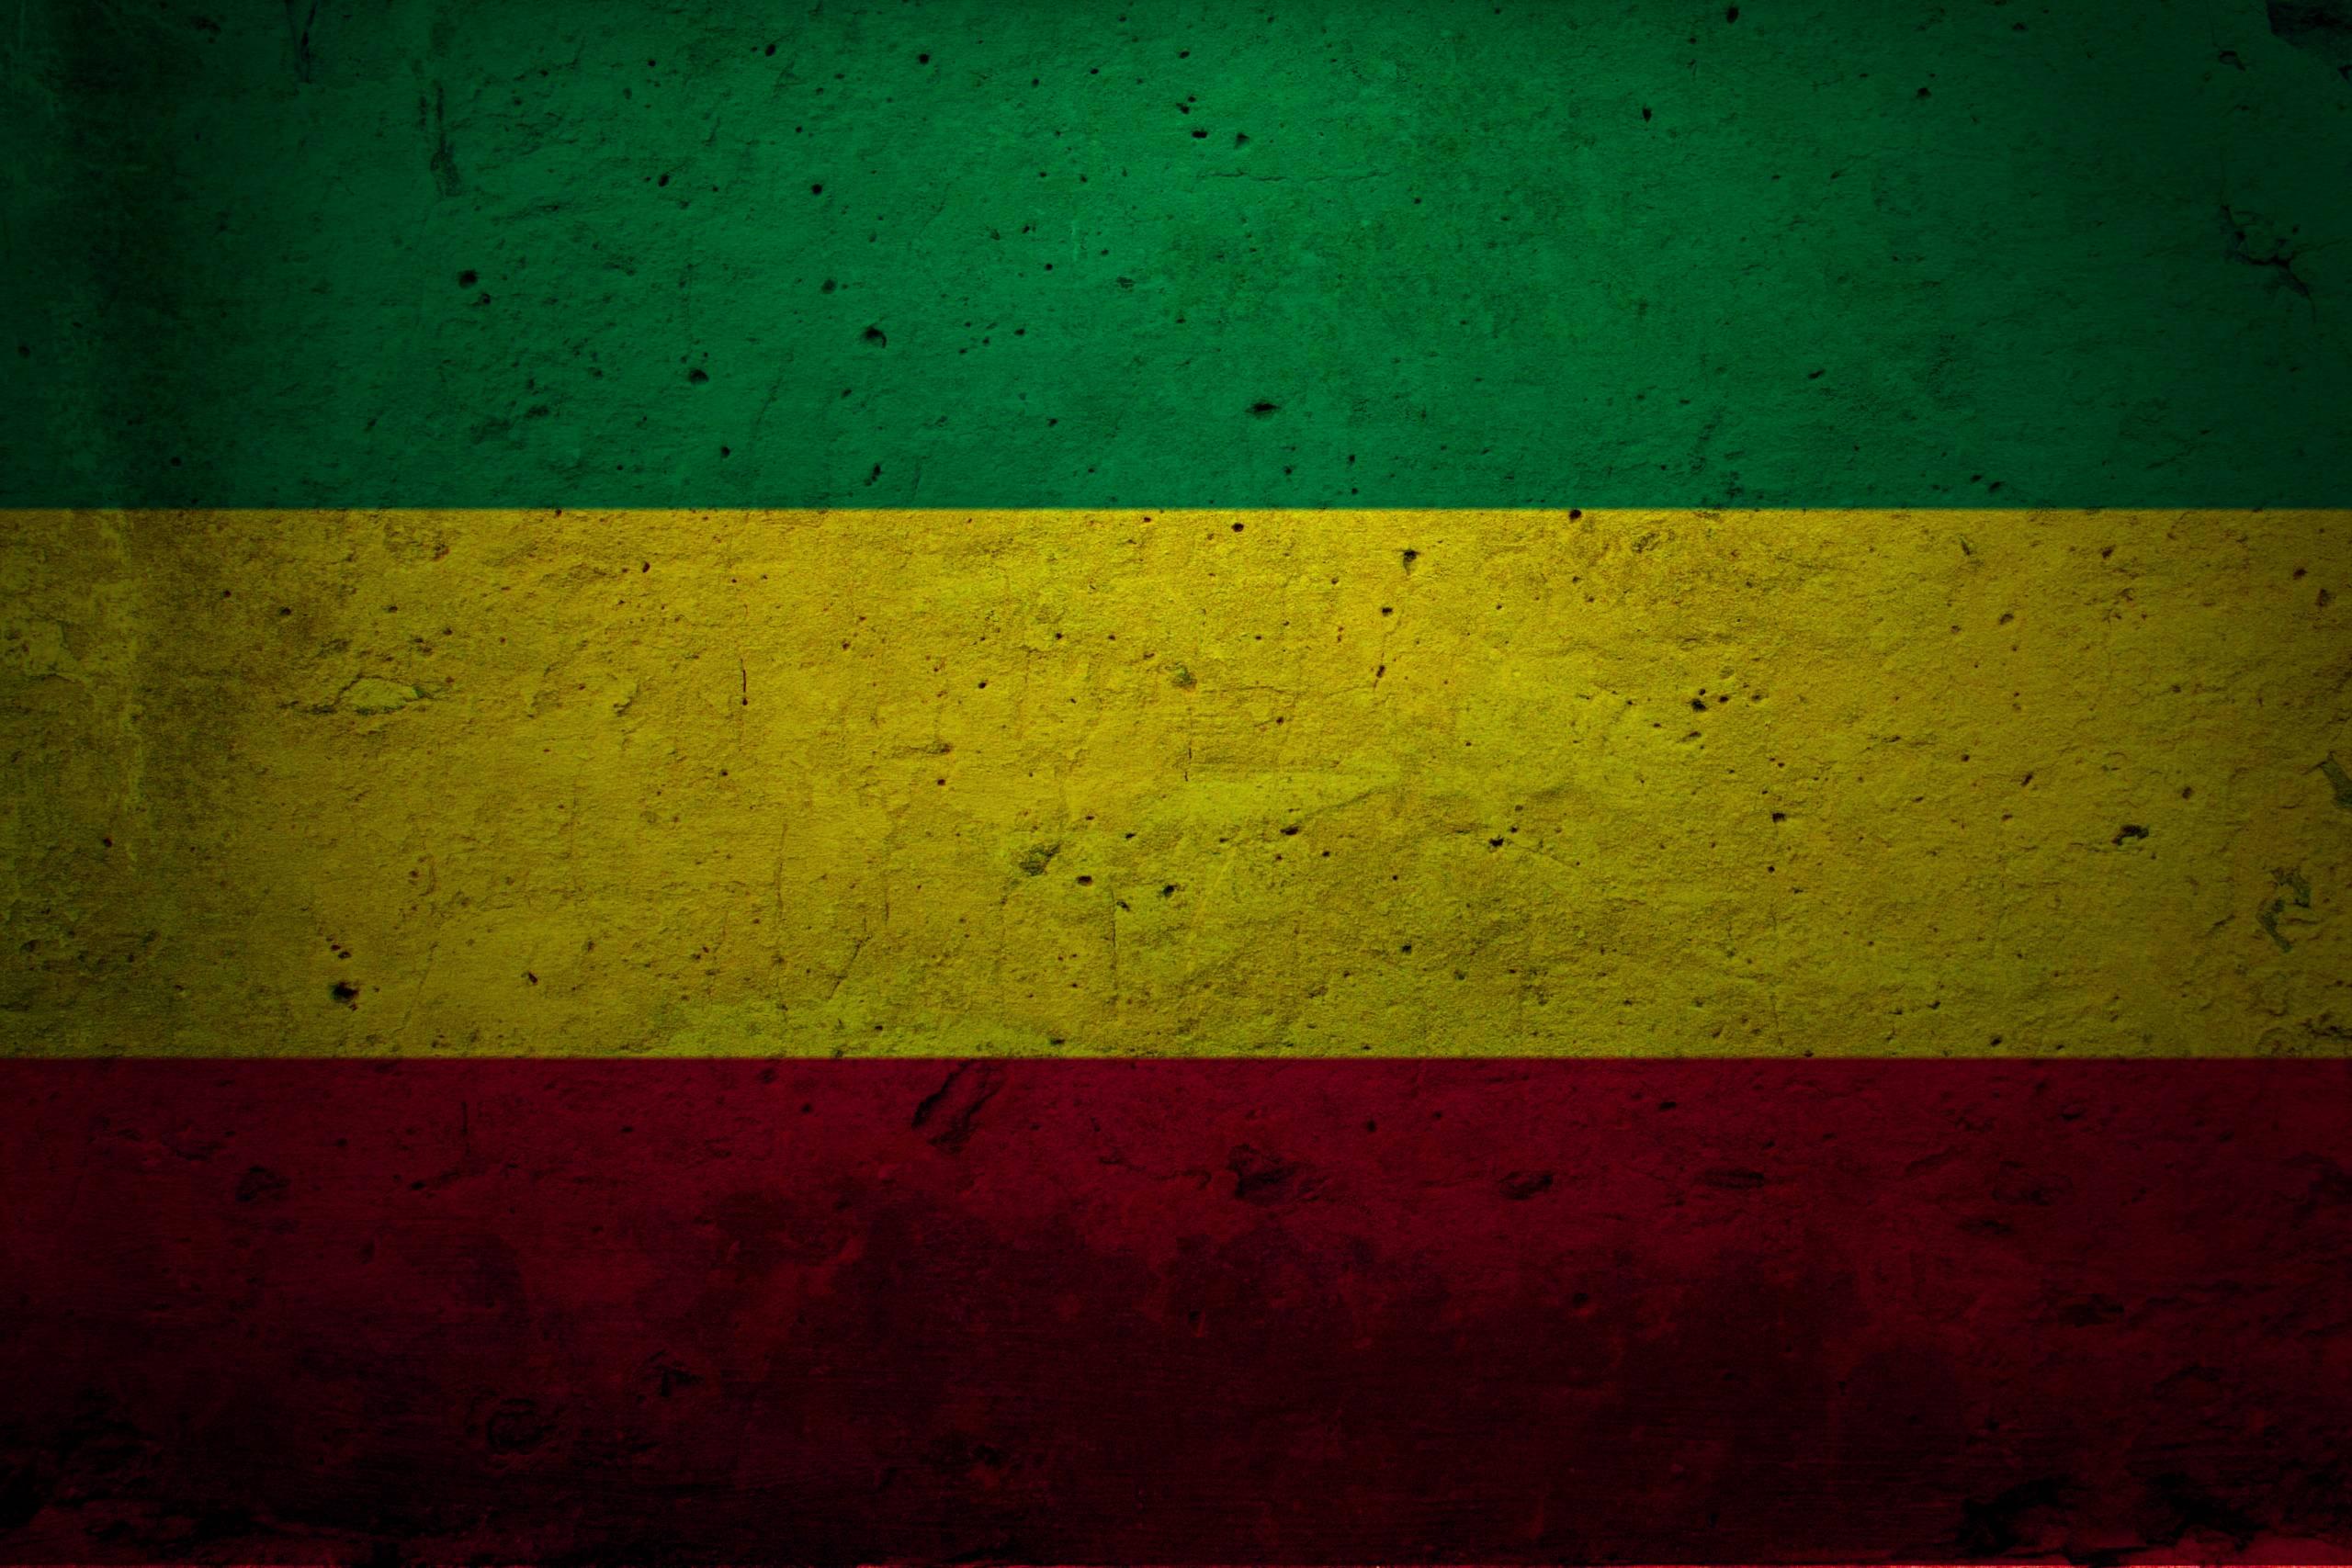 Reggae Colors Wallpapers - Wallpaper Cave